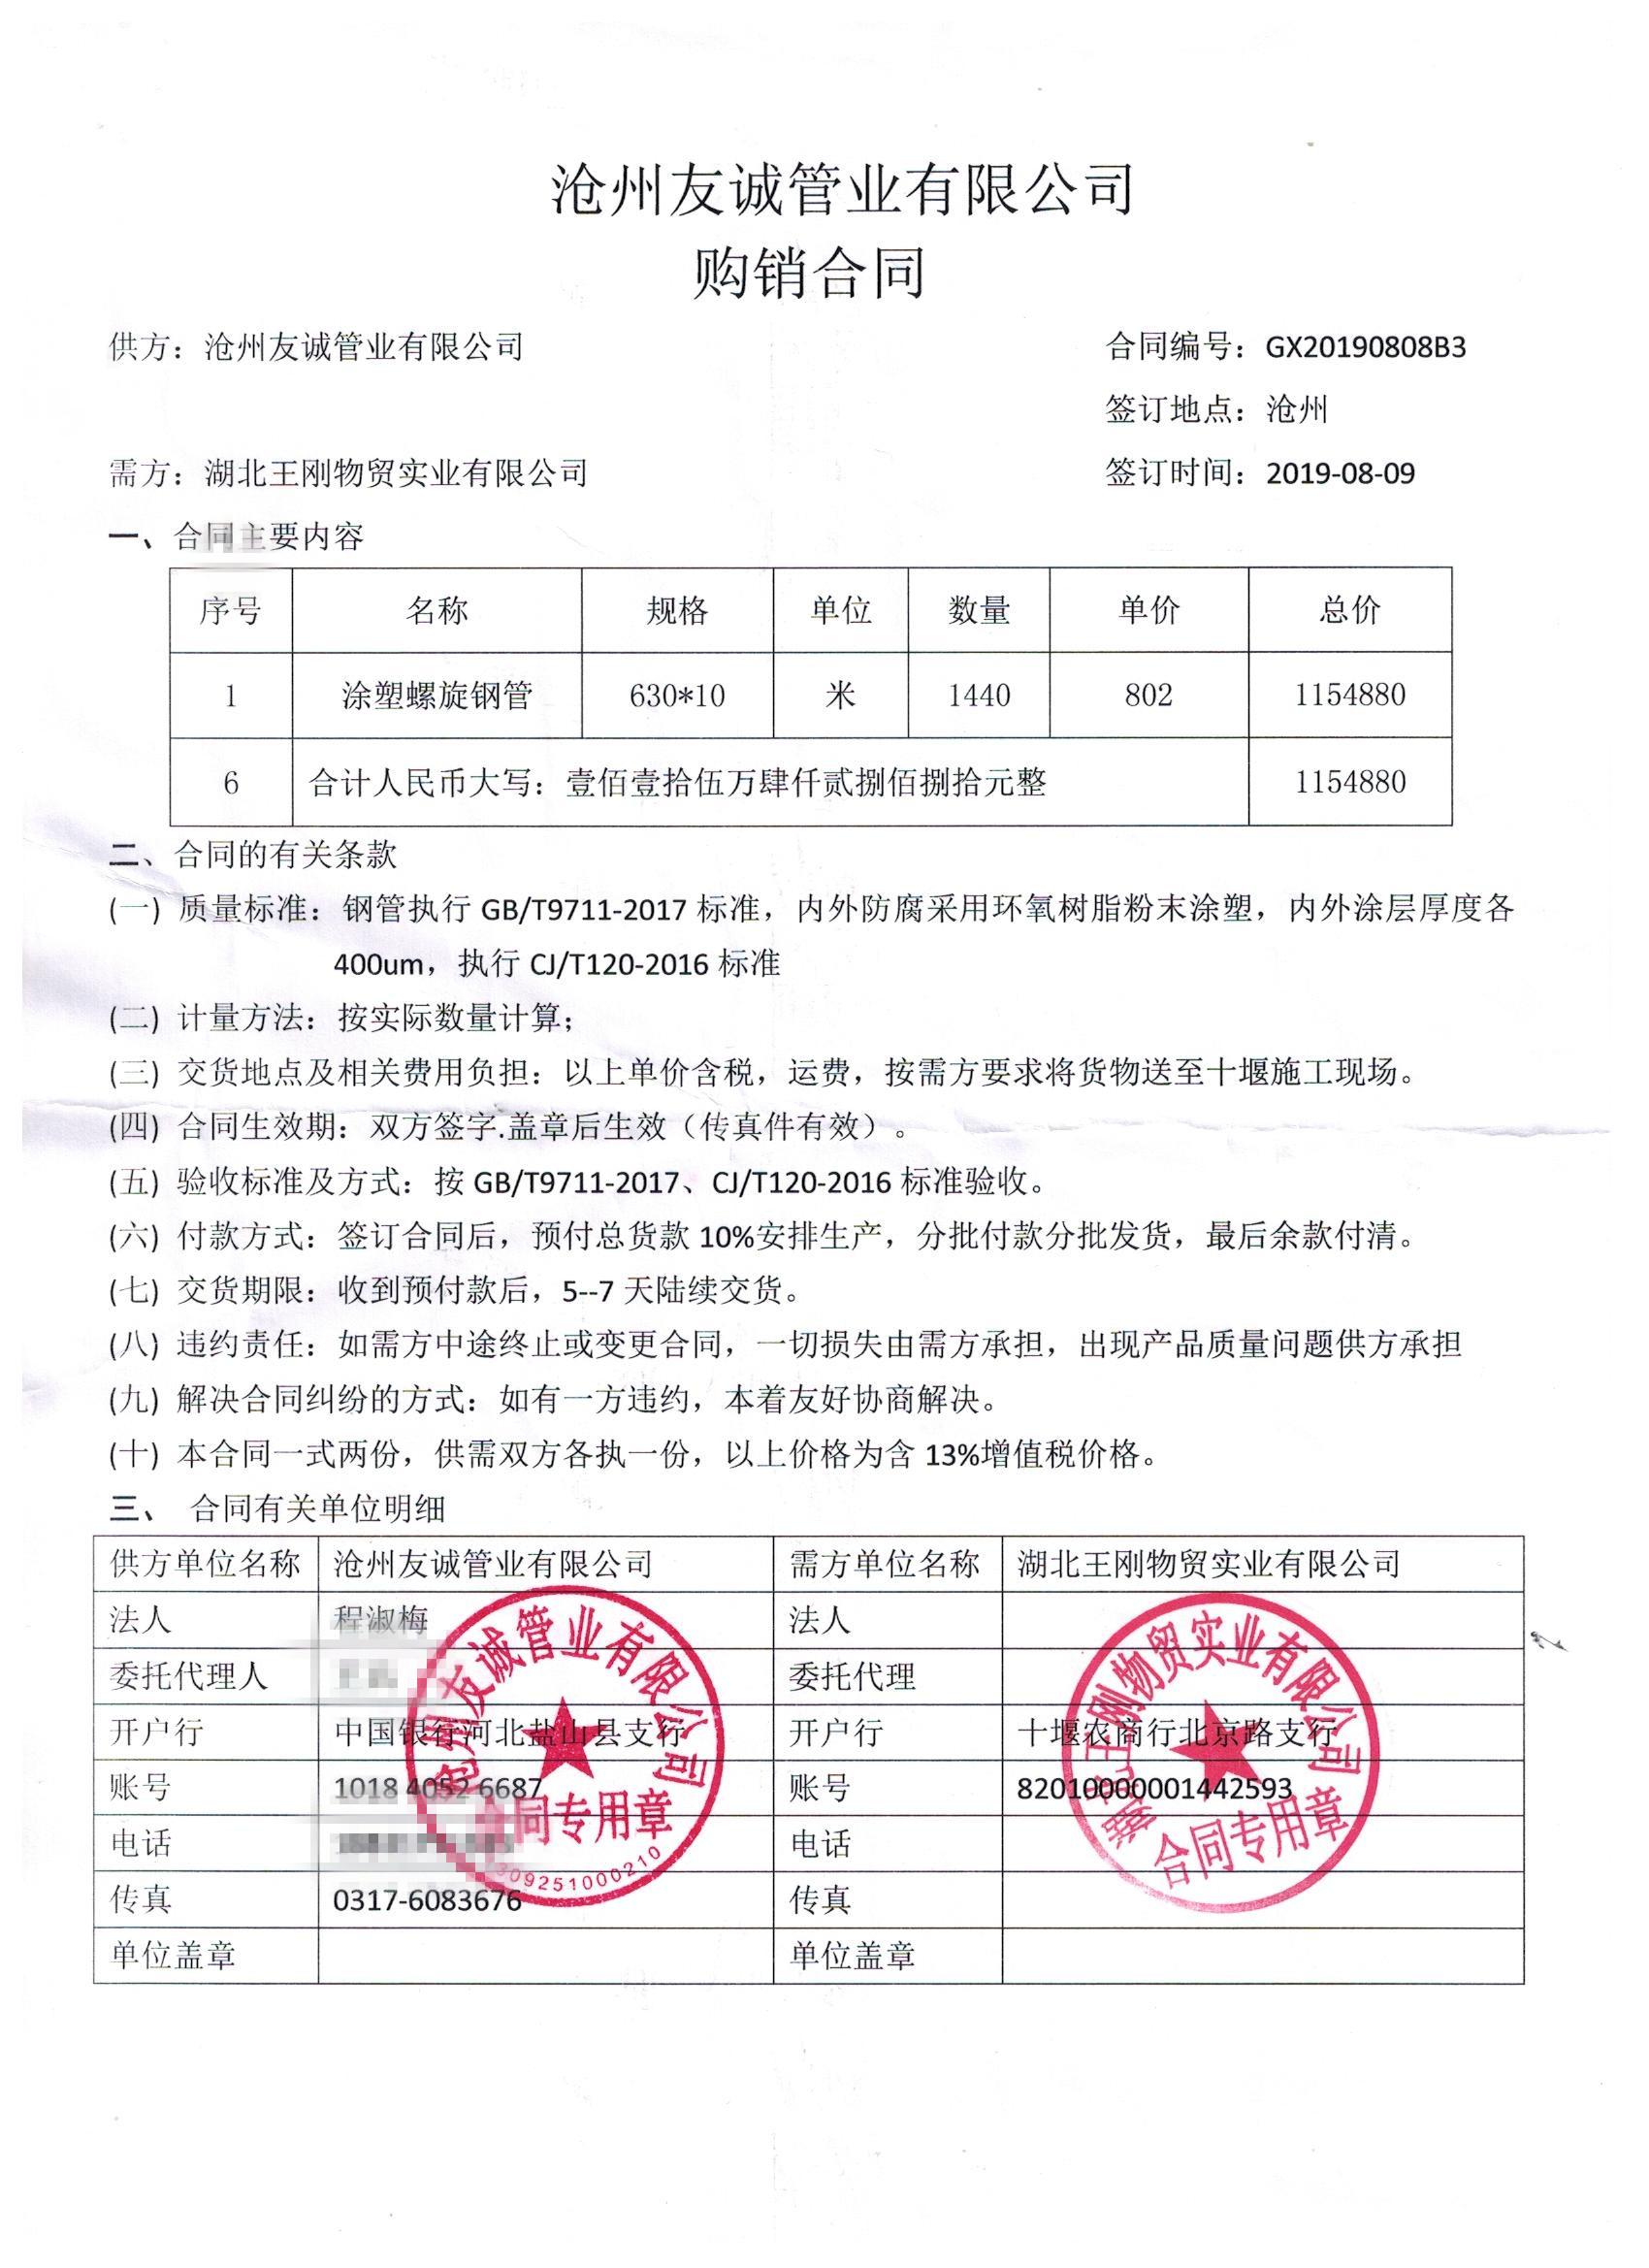 湖北王刚物贸实业有限公司